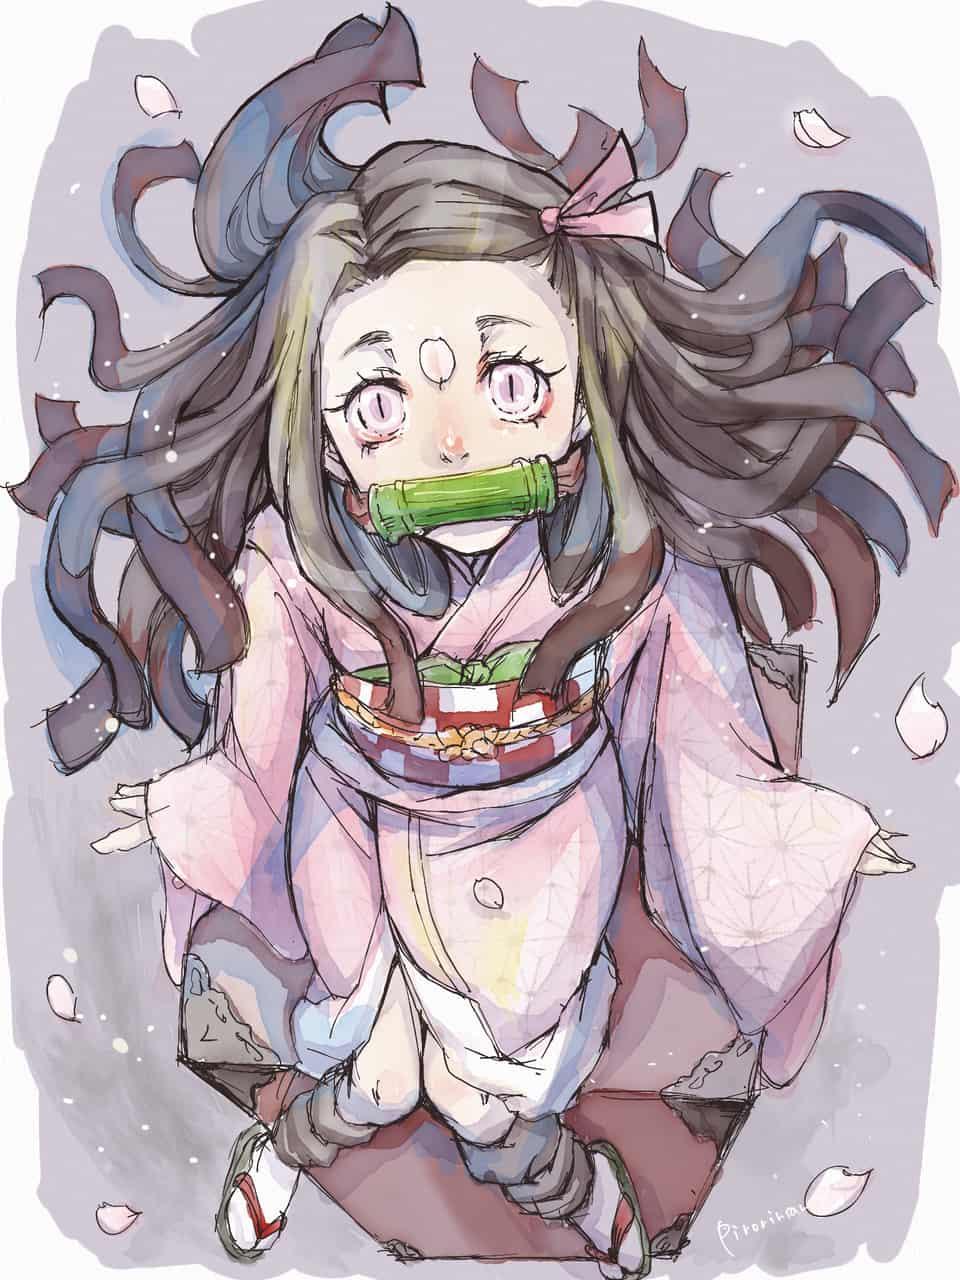 桜ひらりん Illust of pirorinsan DemonSlayerFanartContest portrait KamadoNezuko KimetsunoYaiba